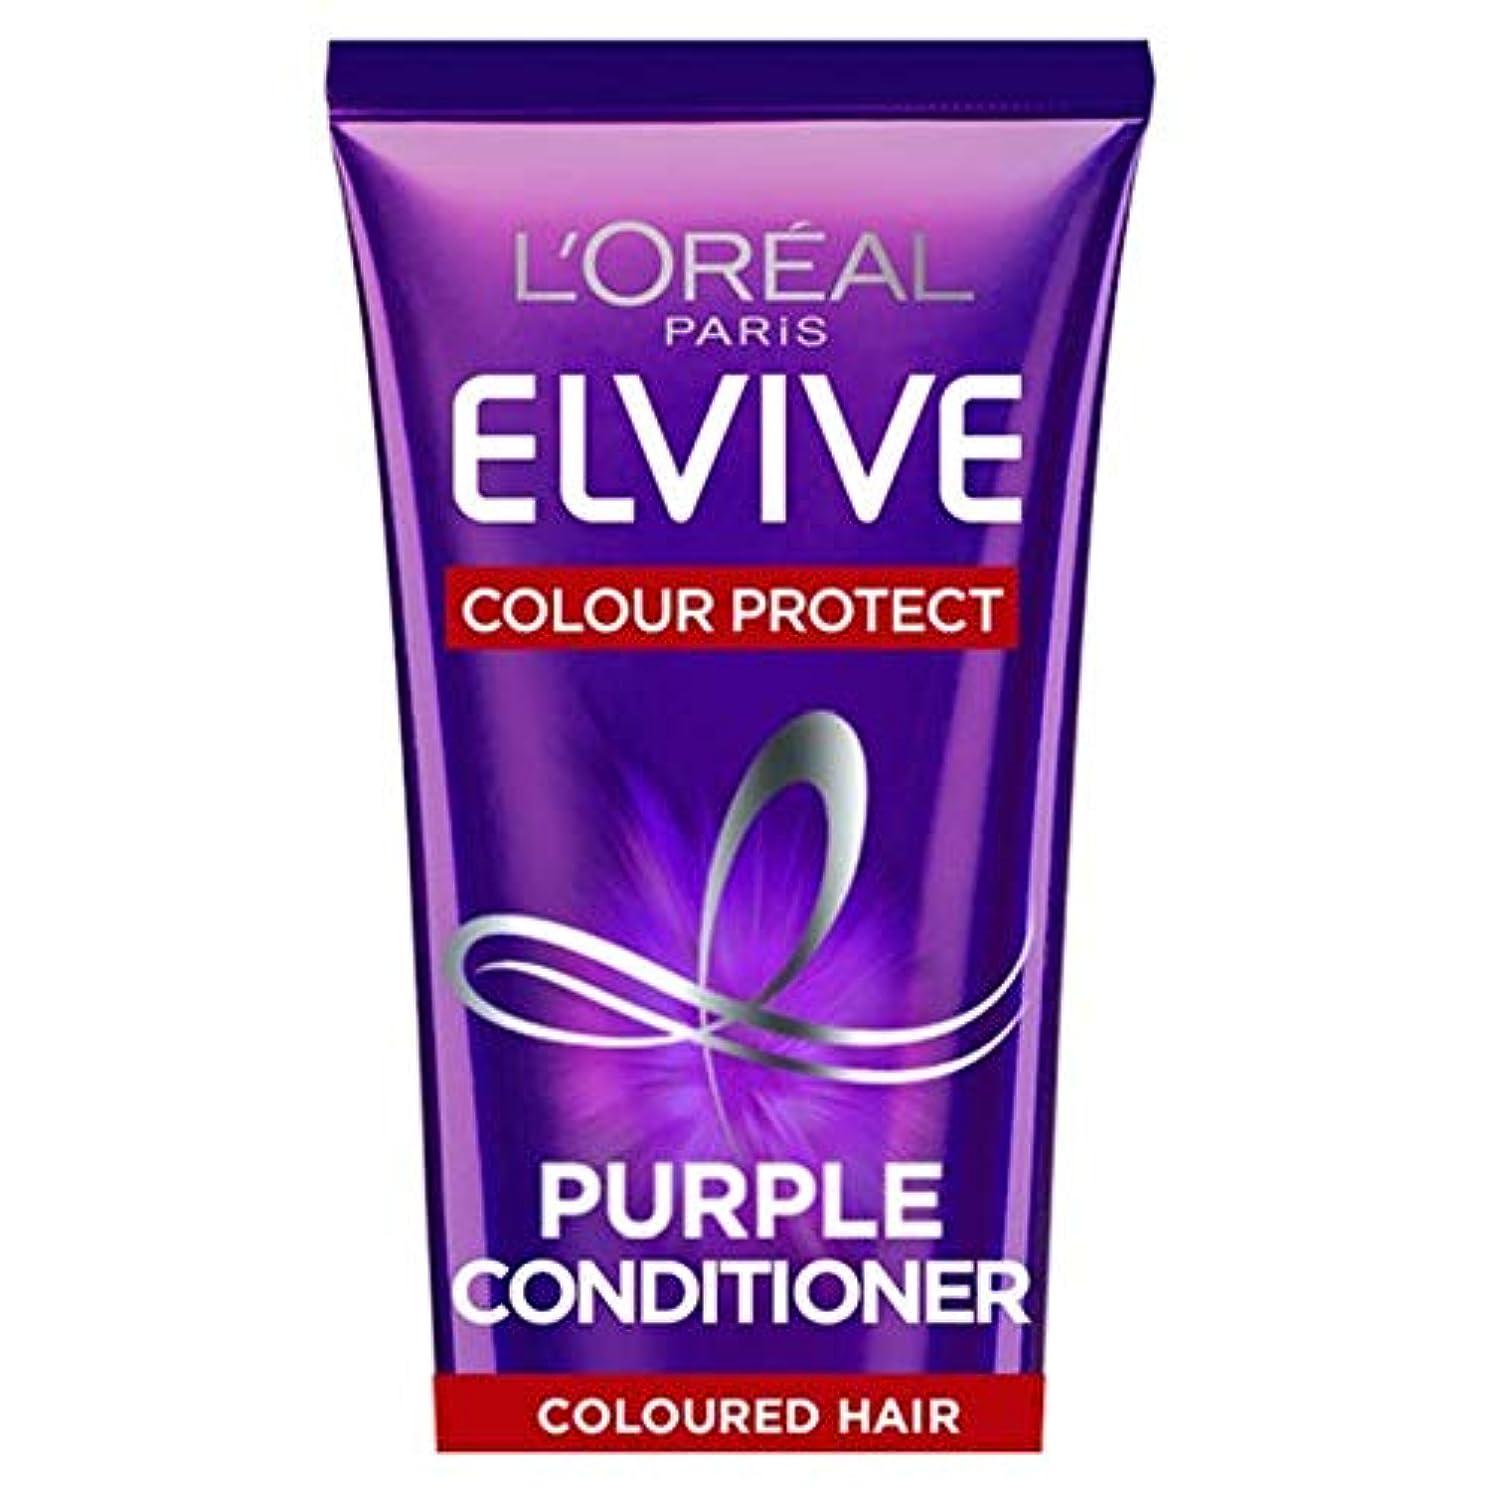 ステップ霧ラテン[Elvive] ロレアルElvive色は紫コンディショナー150ミリリットルを保護します - L'oreal Elvive Colour Protect Purple Conditioner 150Ml [並行輸入品]